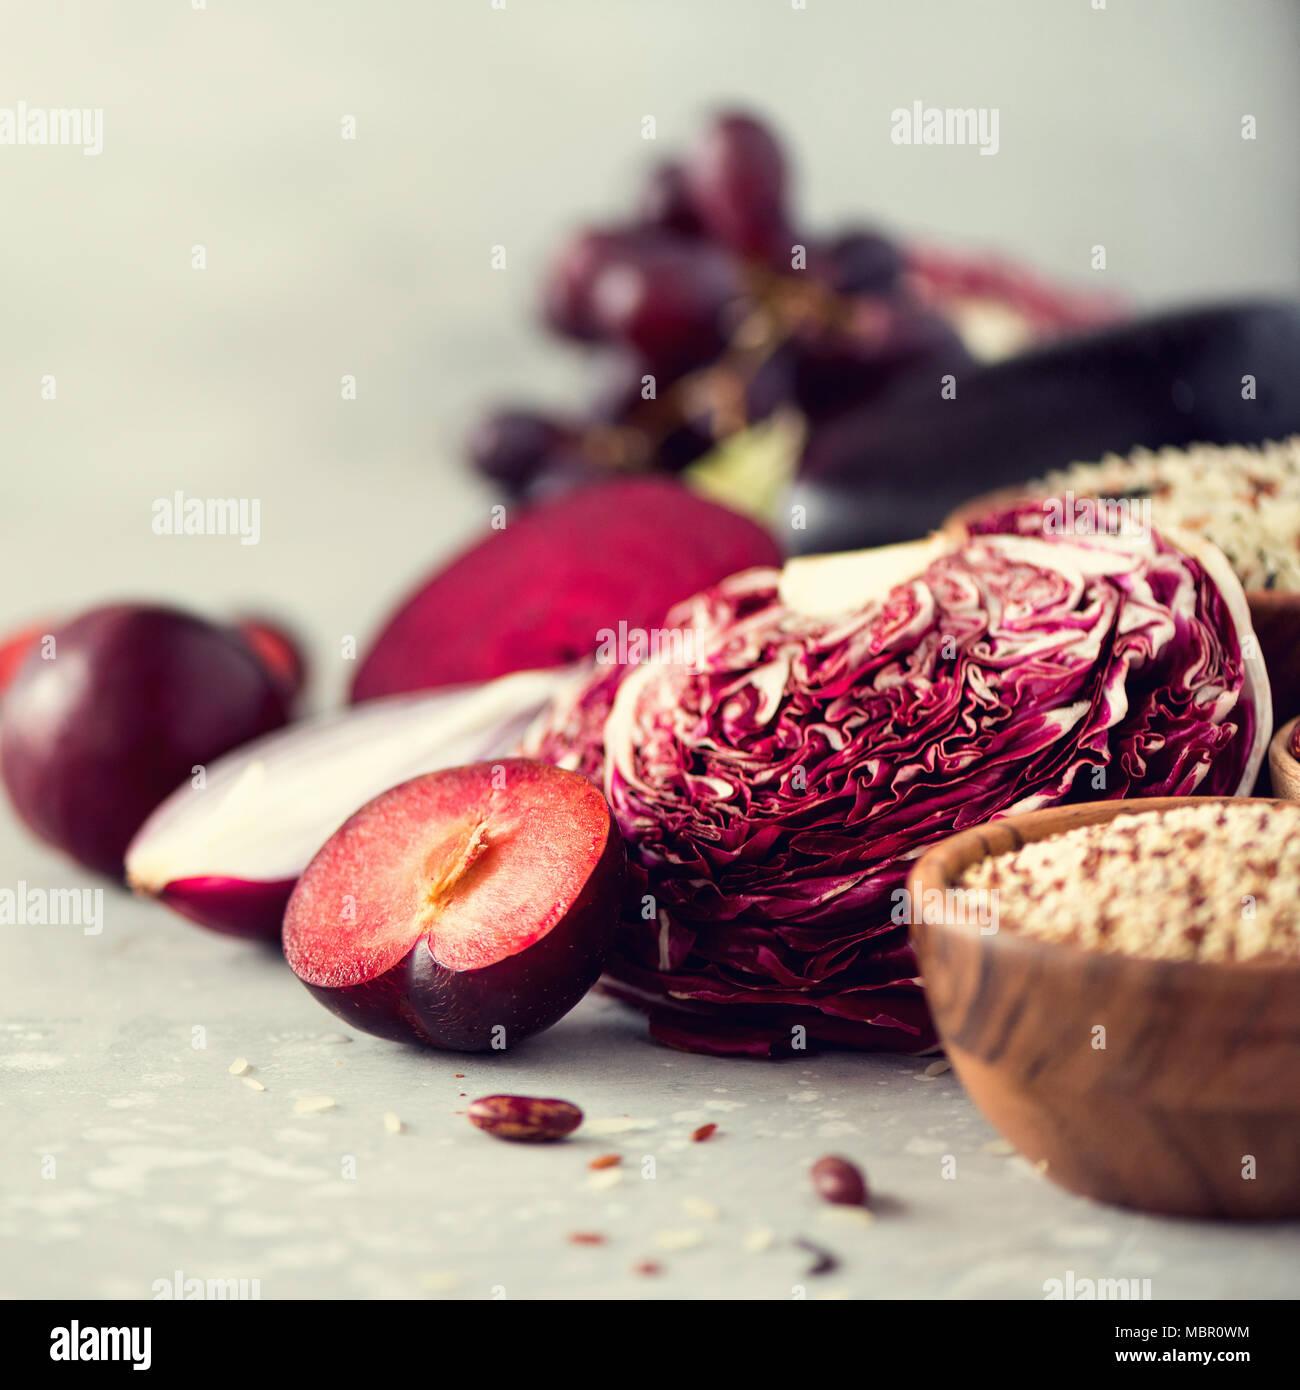 Ingrédients pour la cuisine, l'espace de copie, vue du dessus, une télévision. Légumes, fruits violet sur fond gris. Violet aubergine, betterave, chou-fleur, haricots violets, prunes, raisins, oignon, le quinoa, le riz. Photo Stock